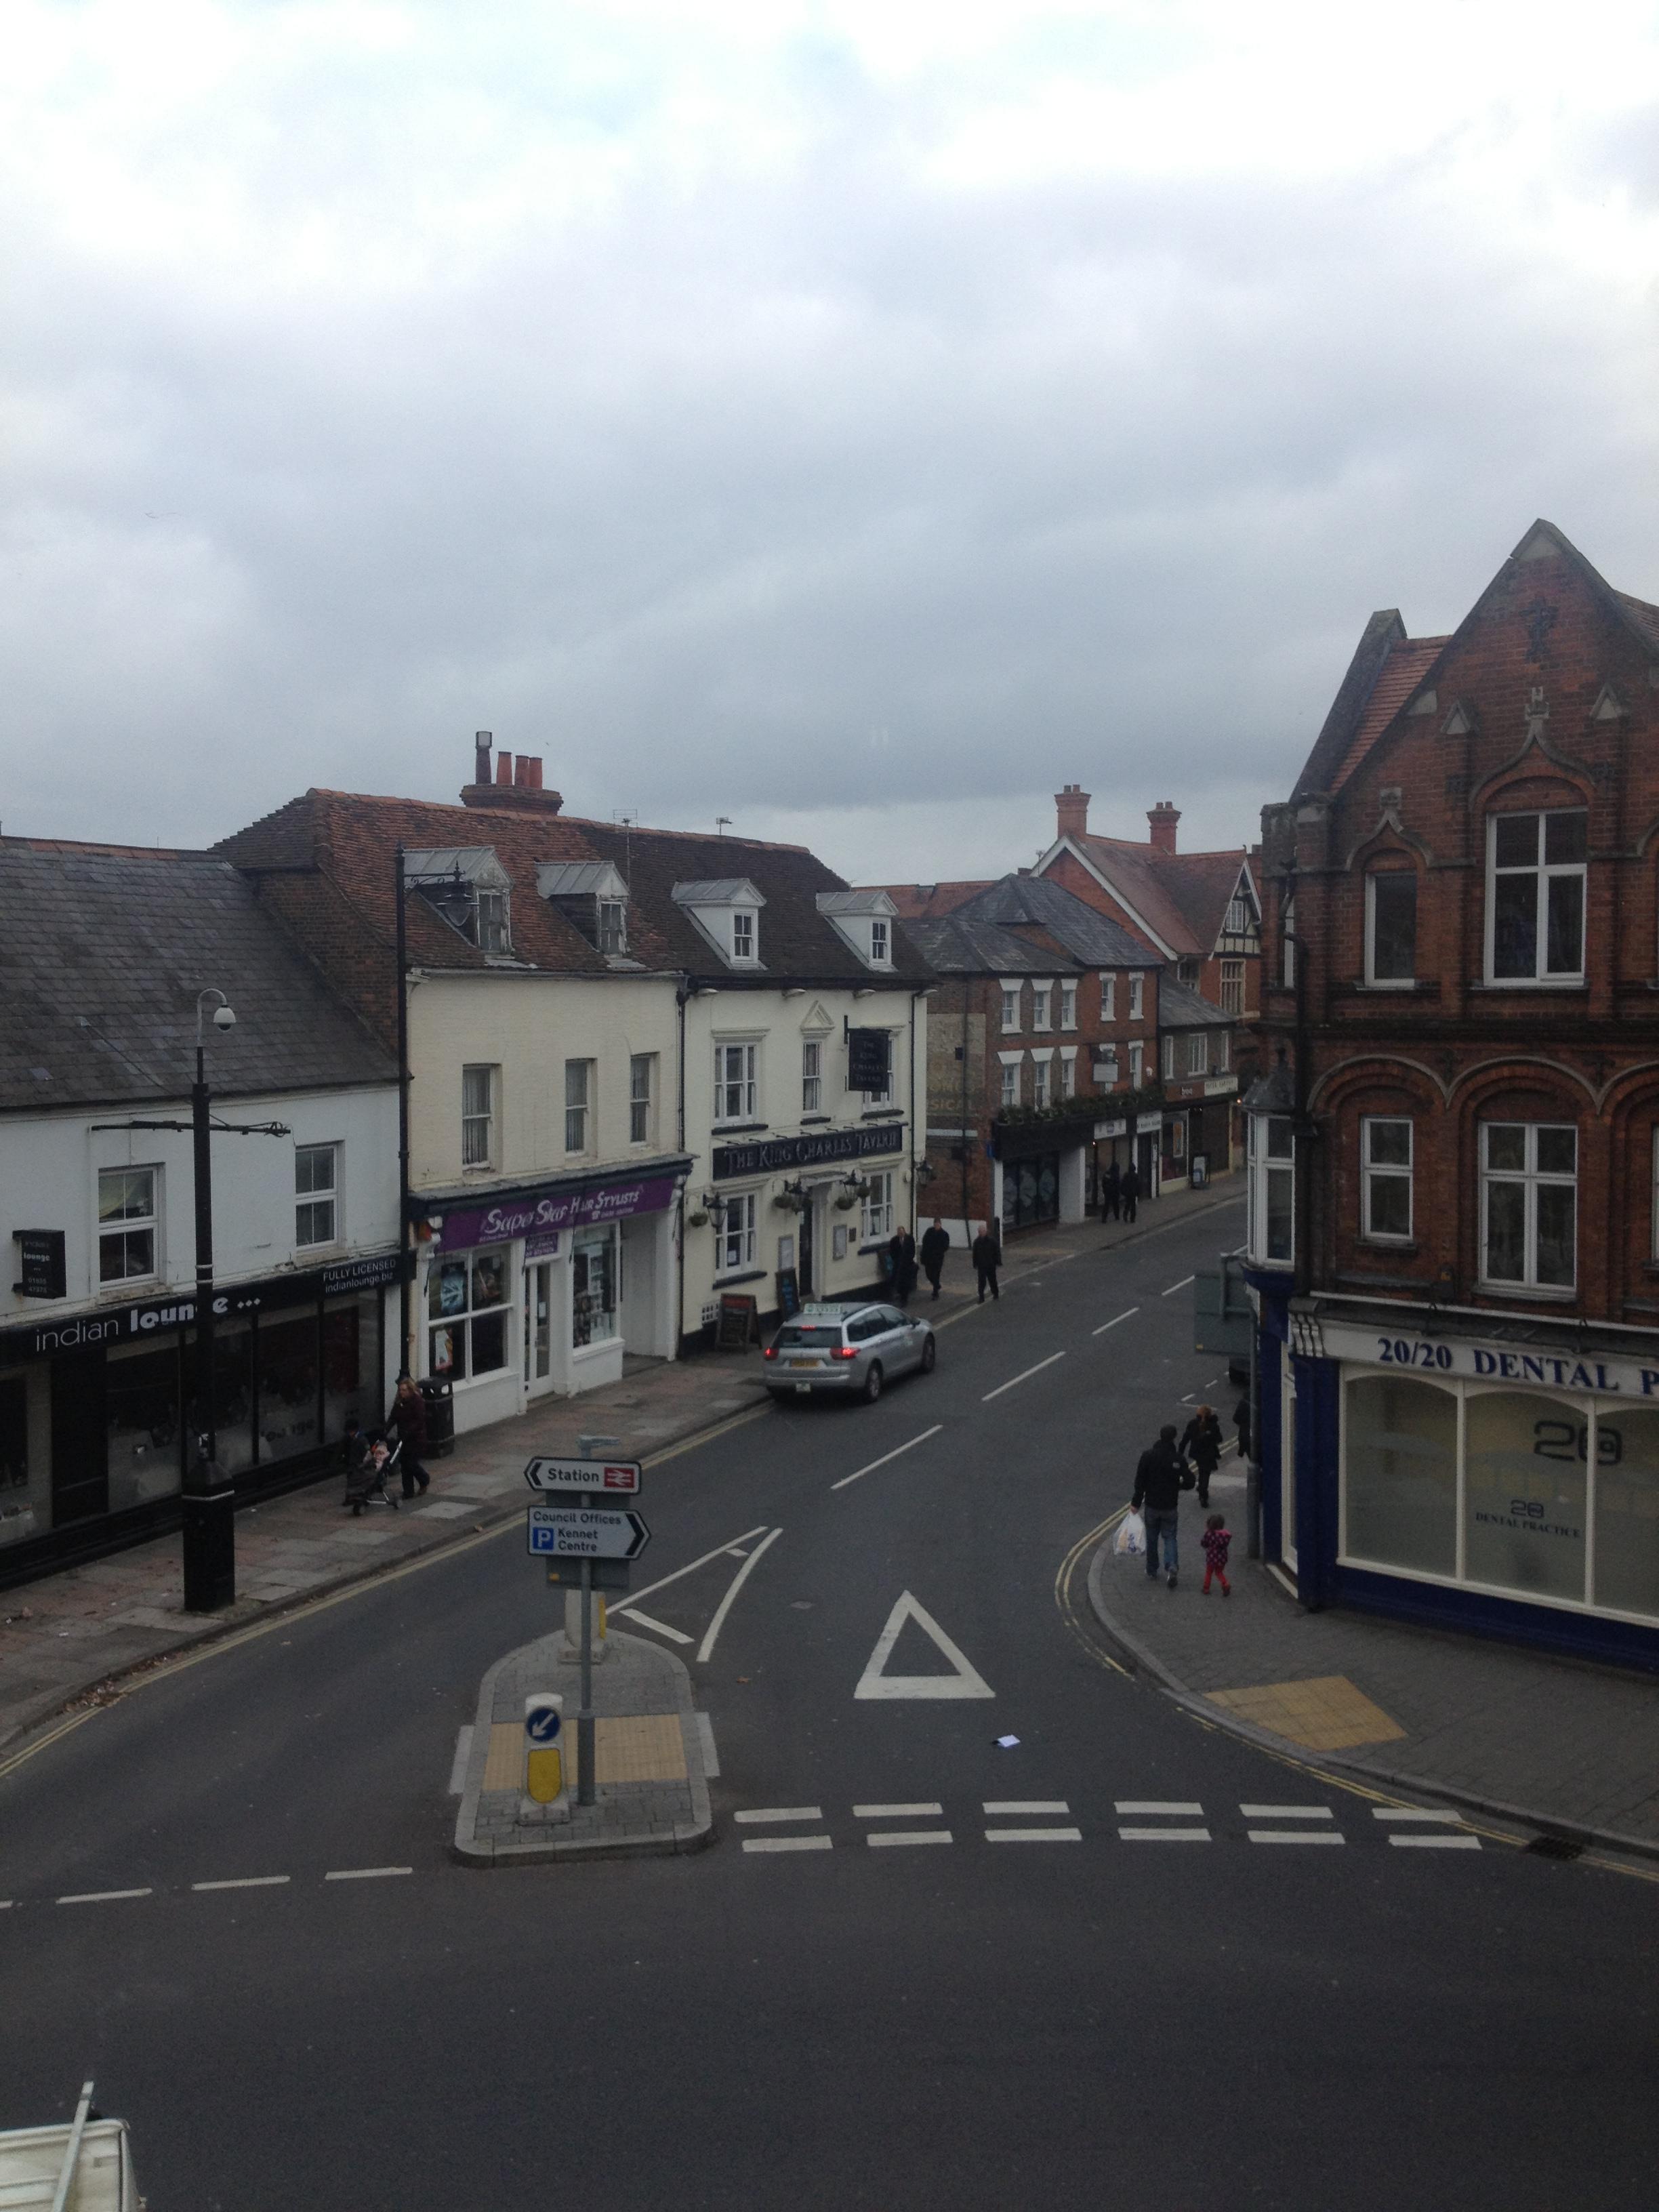 The town of Newbury.